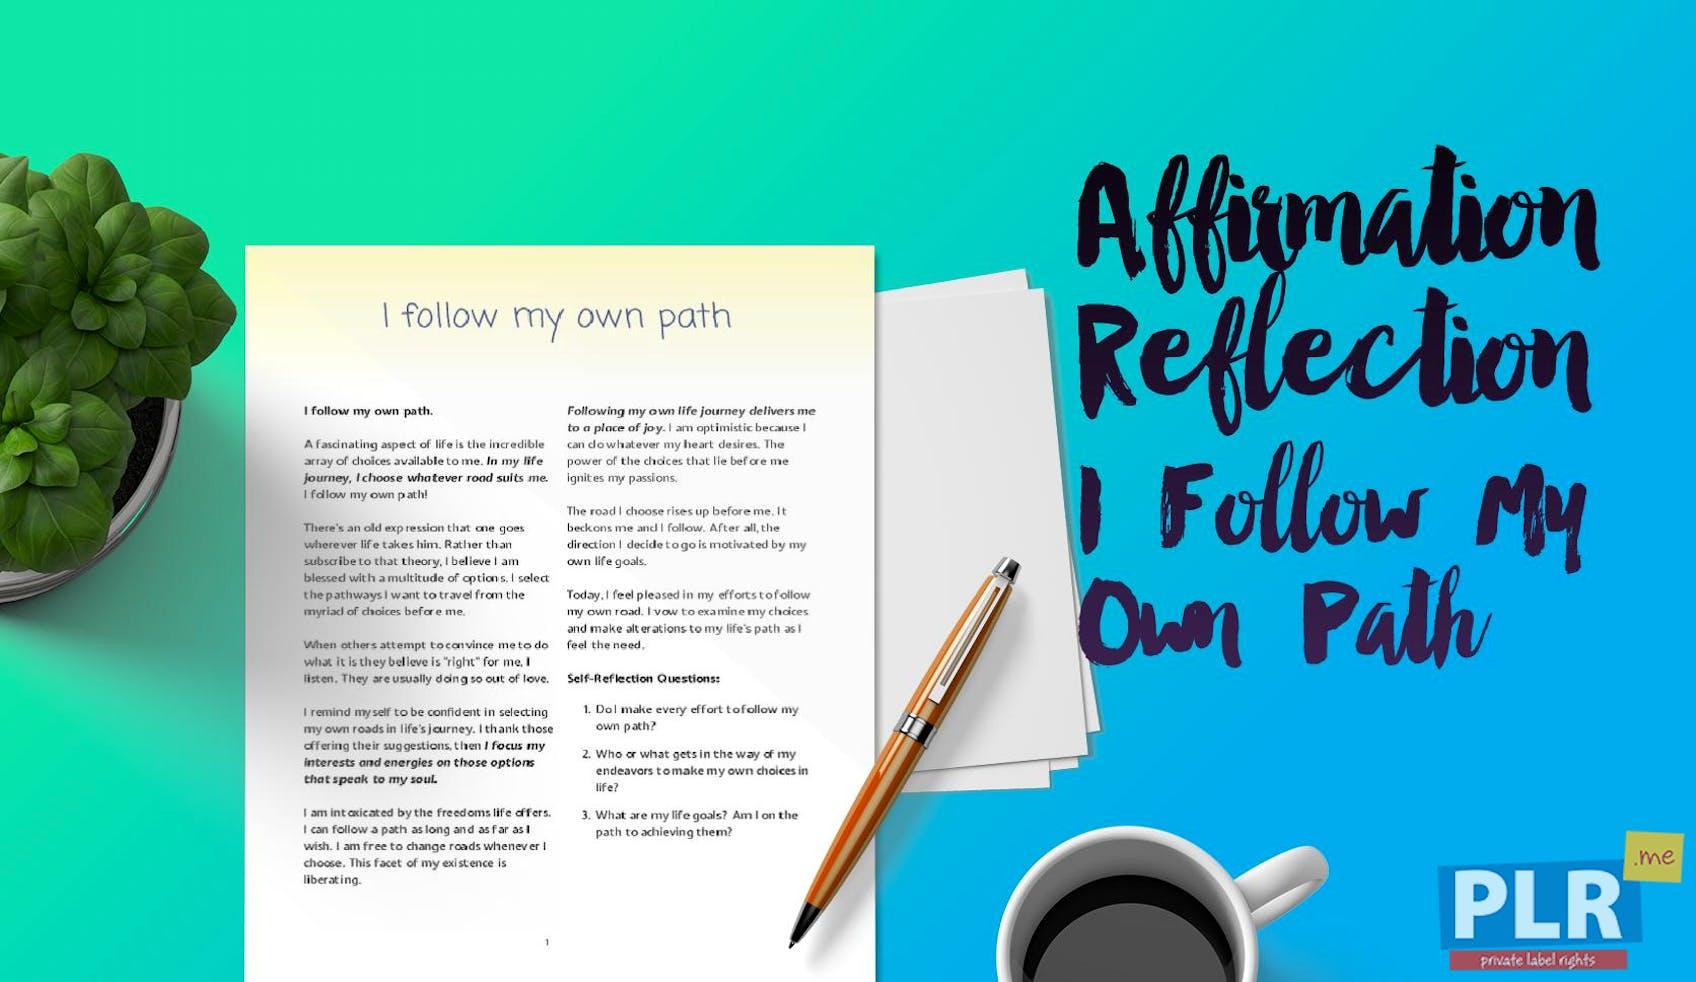 I Follow My Own Path